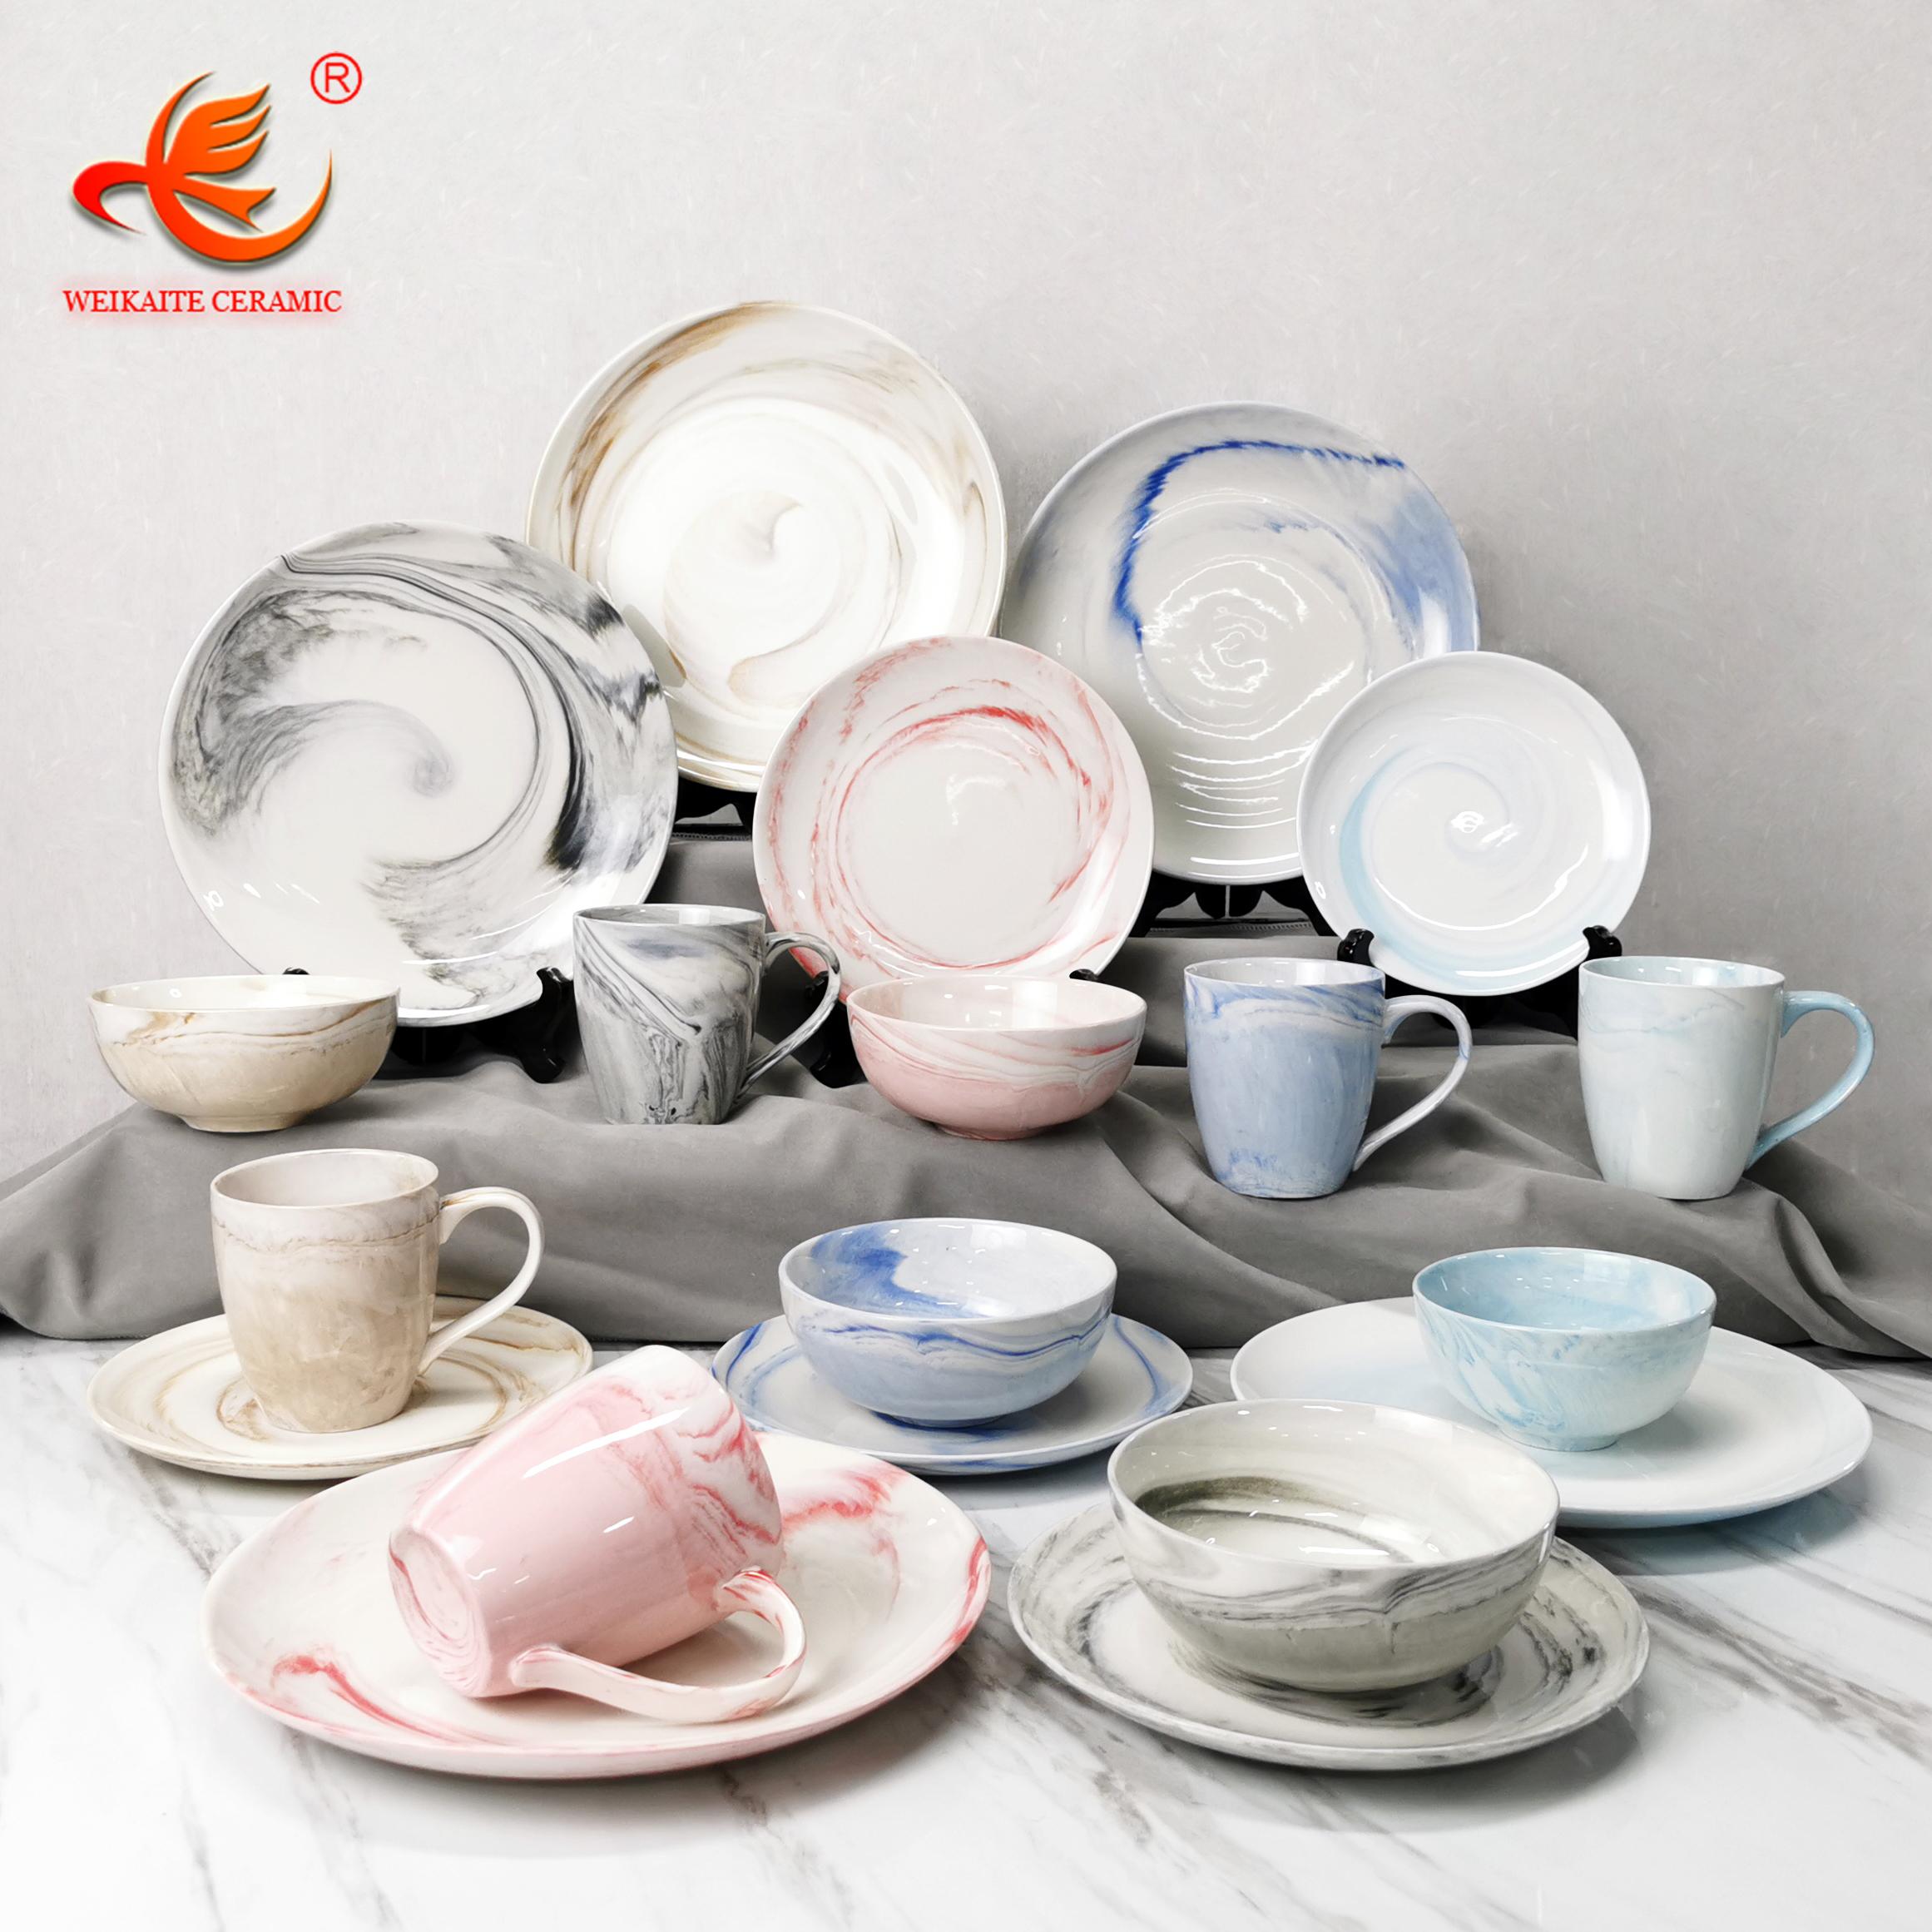 Tableau service caviano 12tlg porcelaine rectangulaire blanc décor pour 6 Personnes Vaisselle